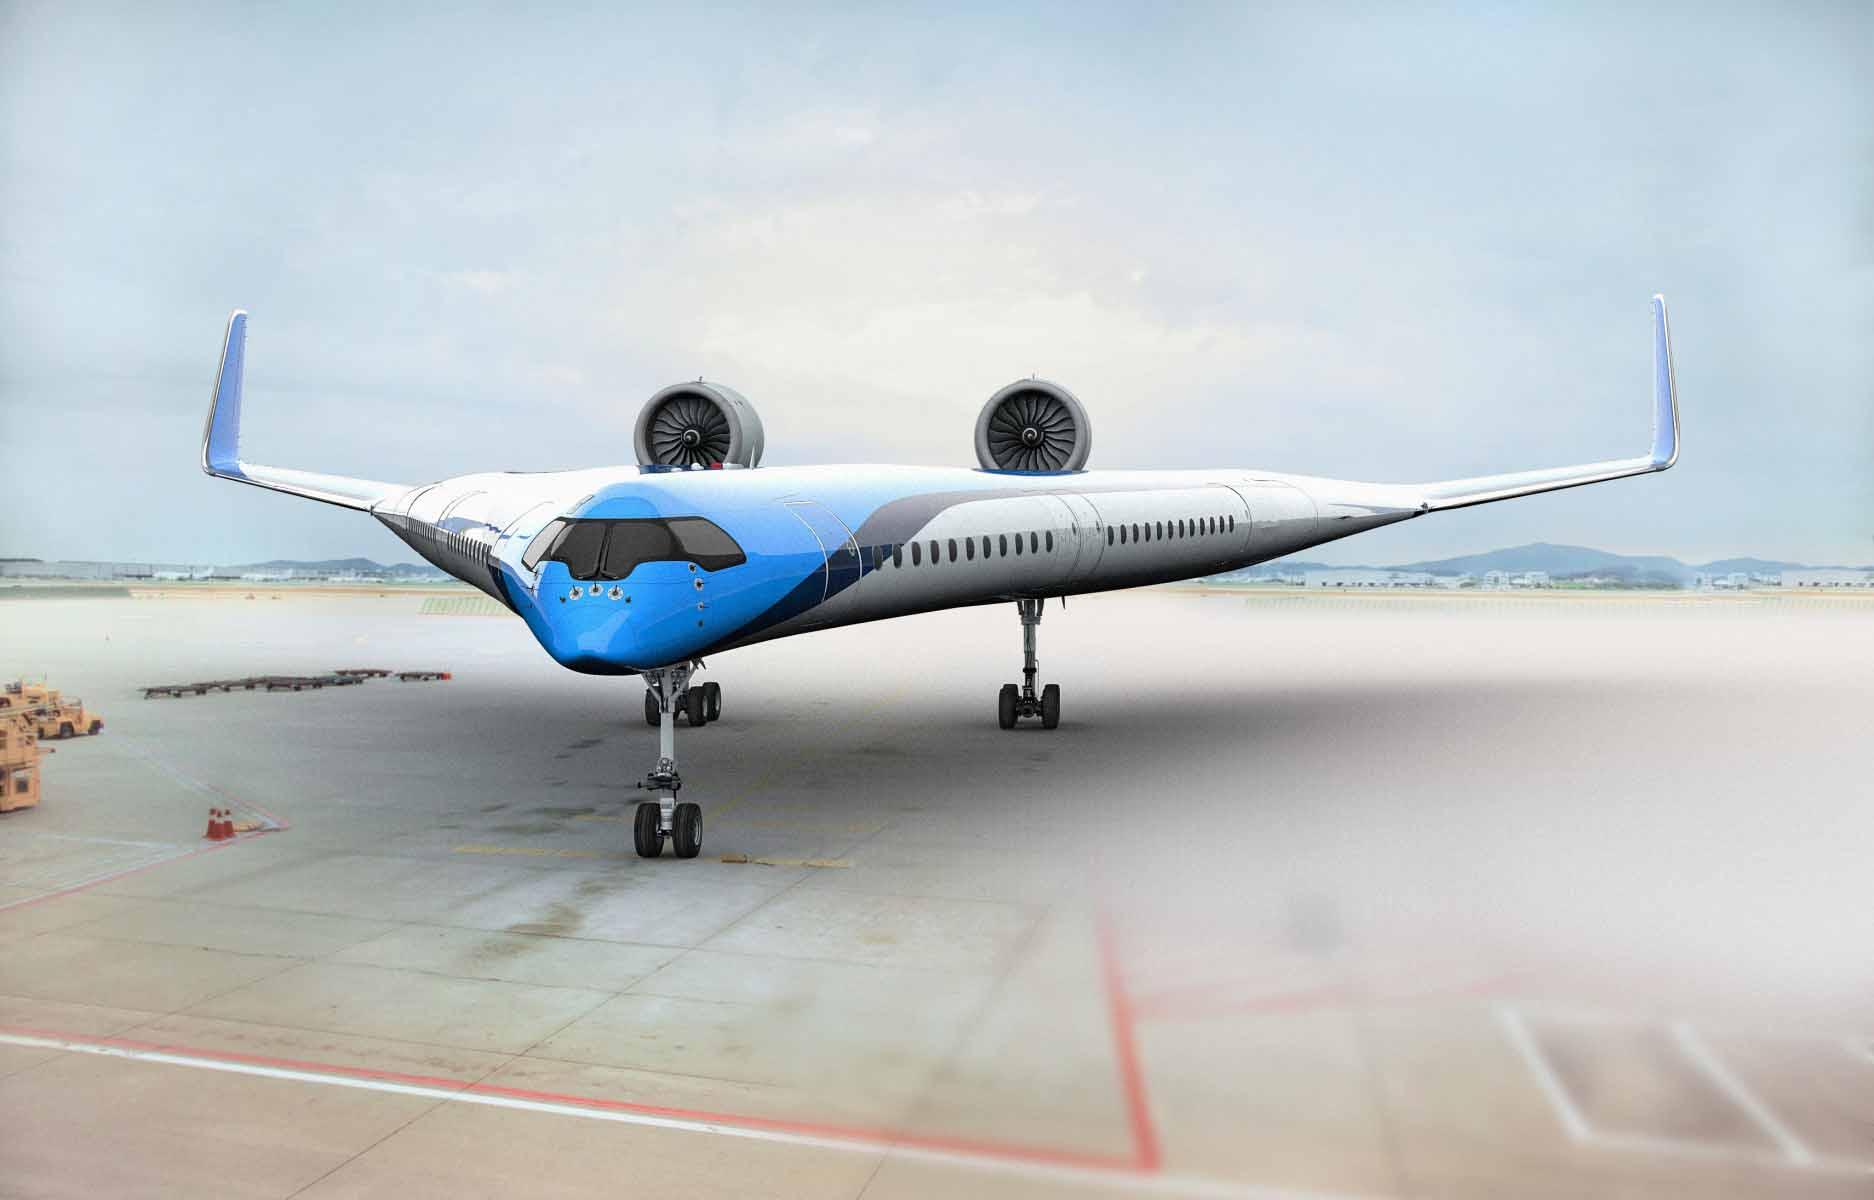 Pesquisadores testaram com sucesso modelo do avião futurístico Flying-V